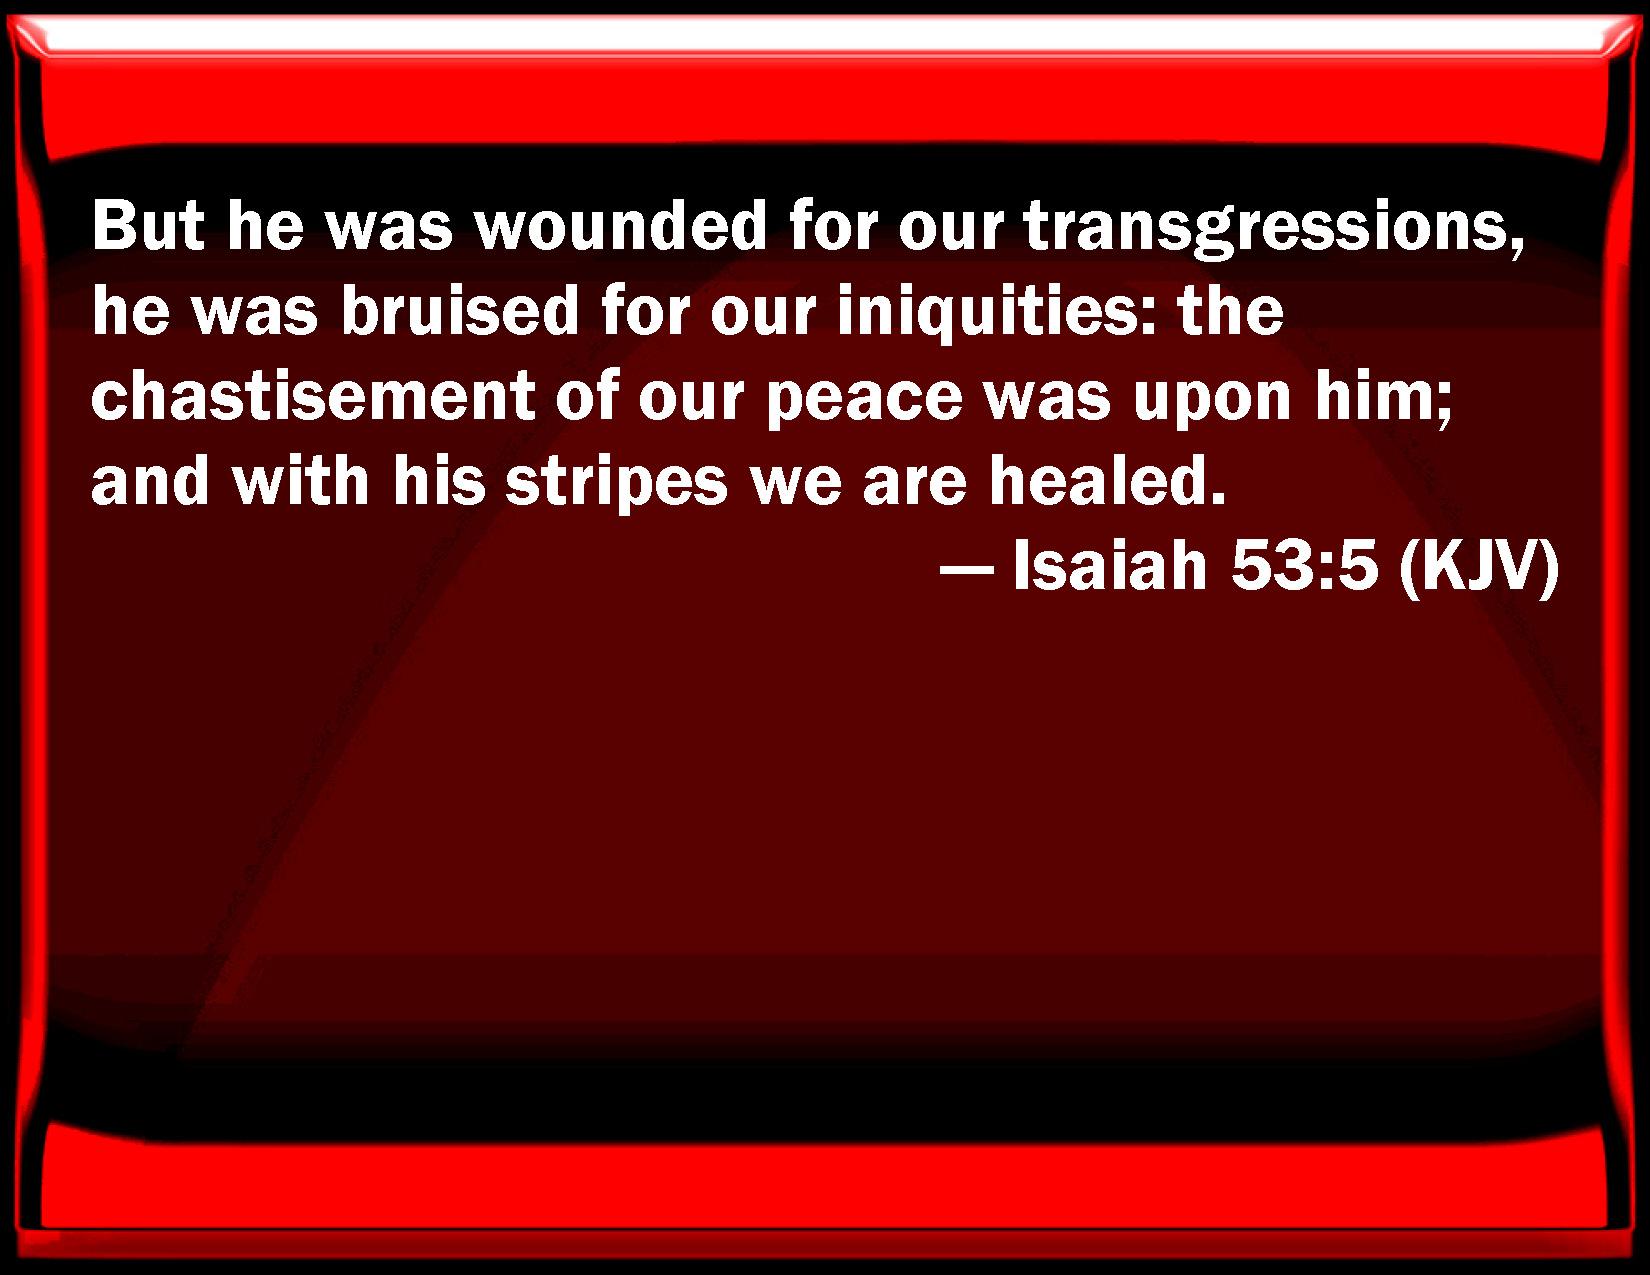 kjv isaiah 53